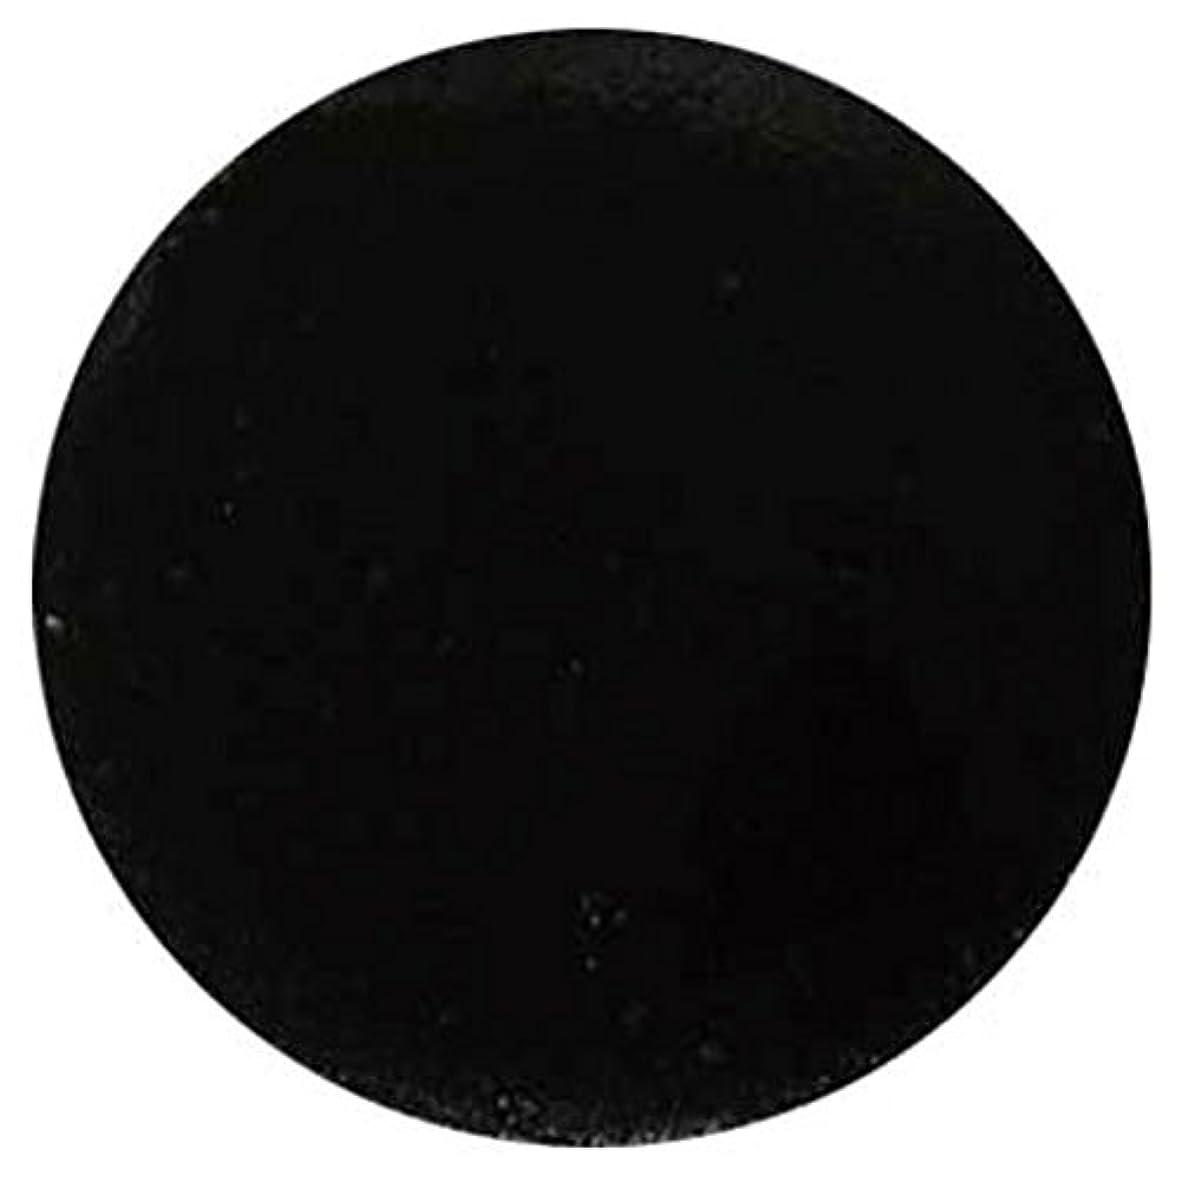 初心者同様にジムパウダー# 2 3.5g ブラックオニキス